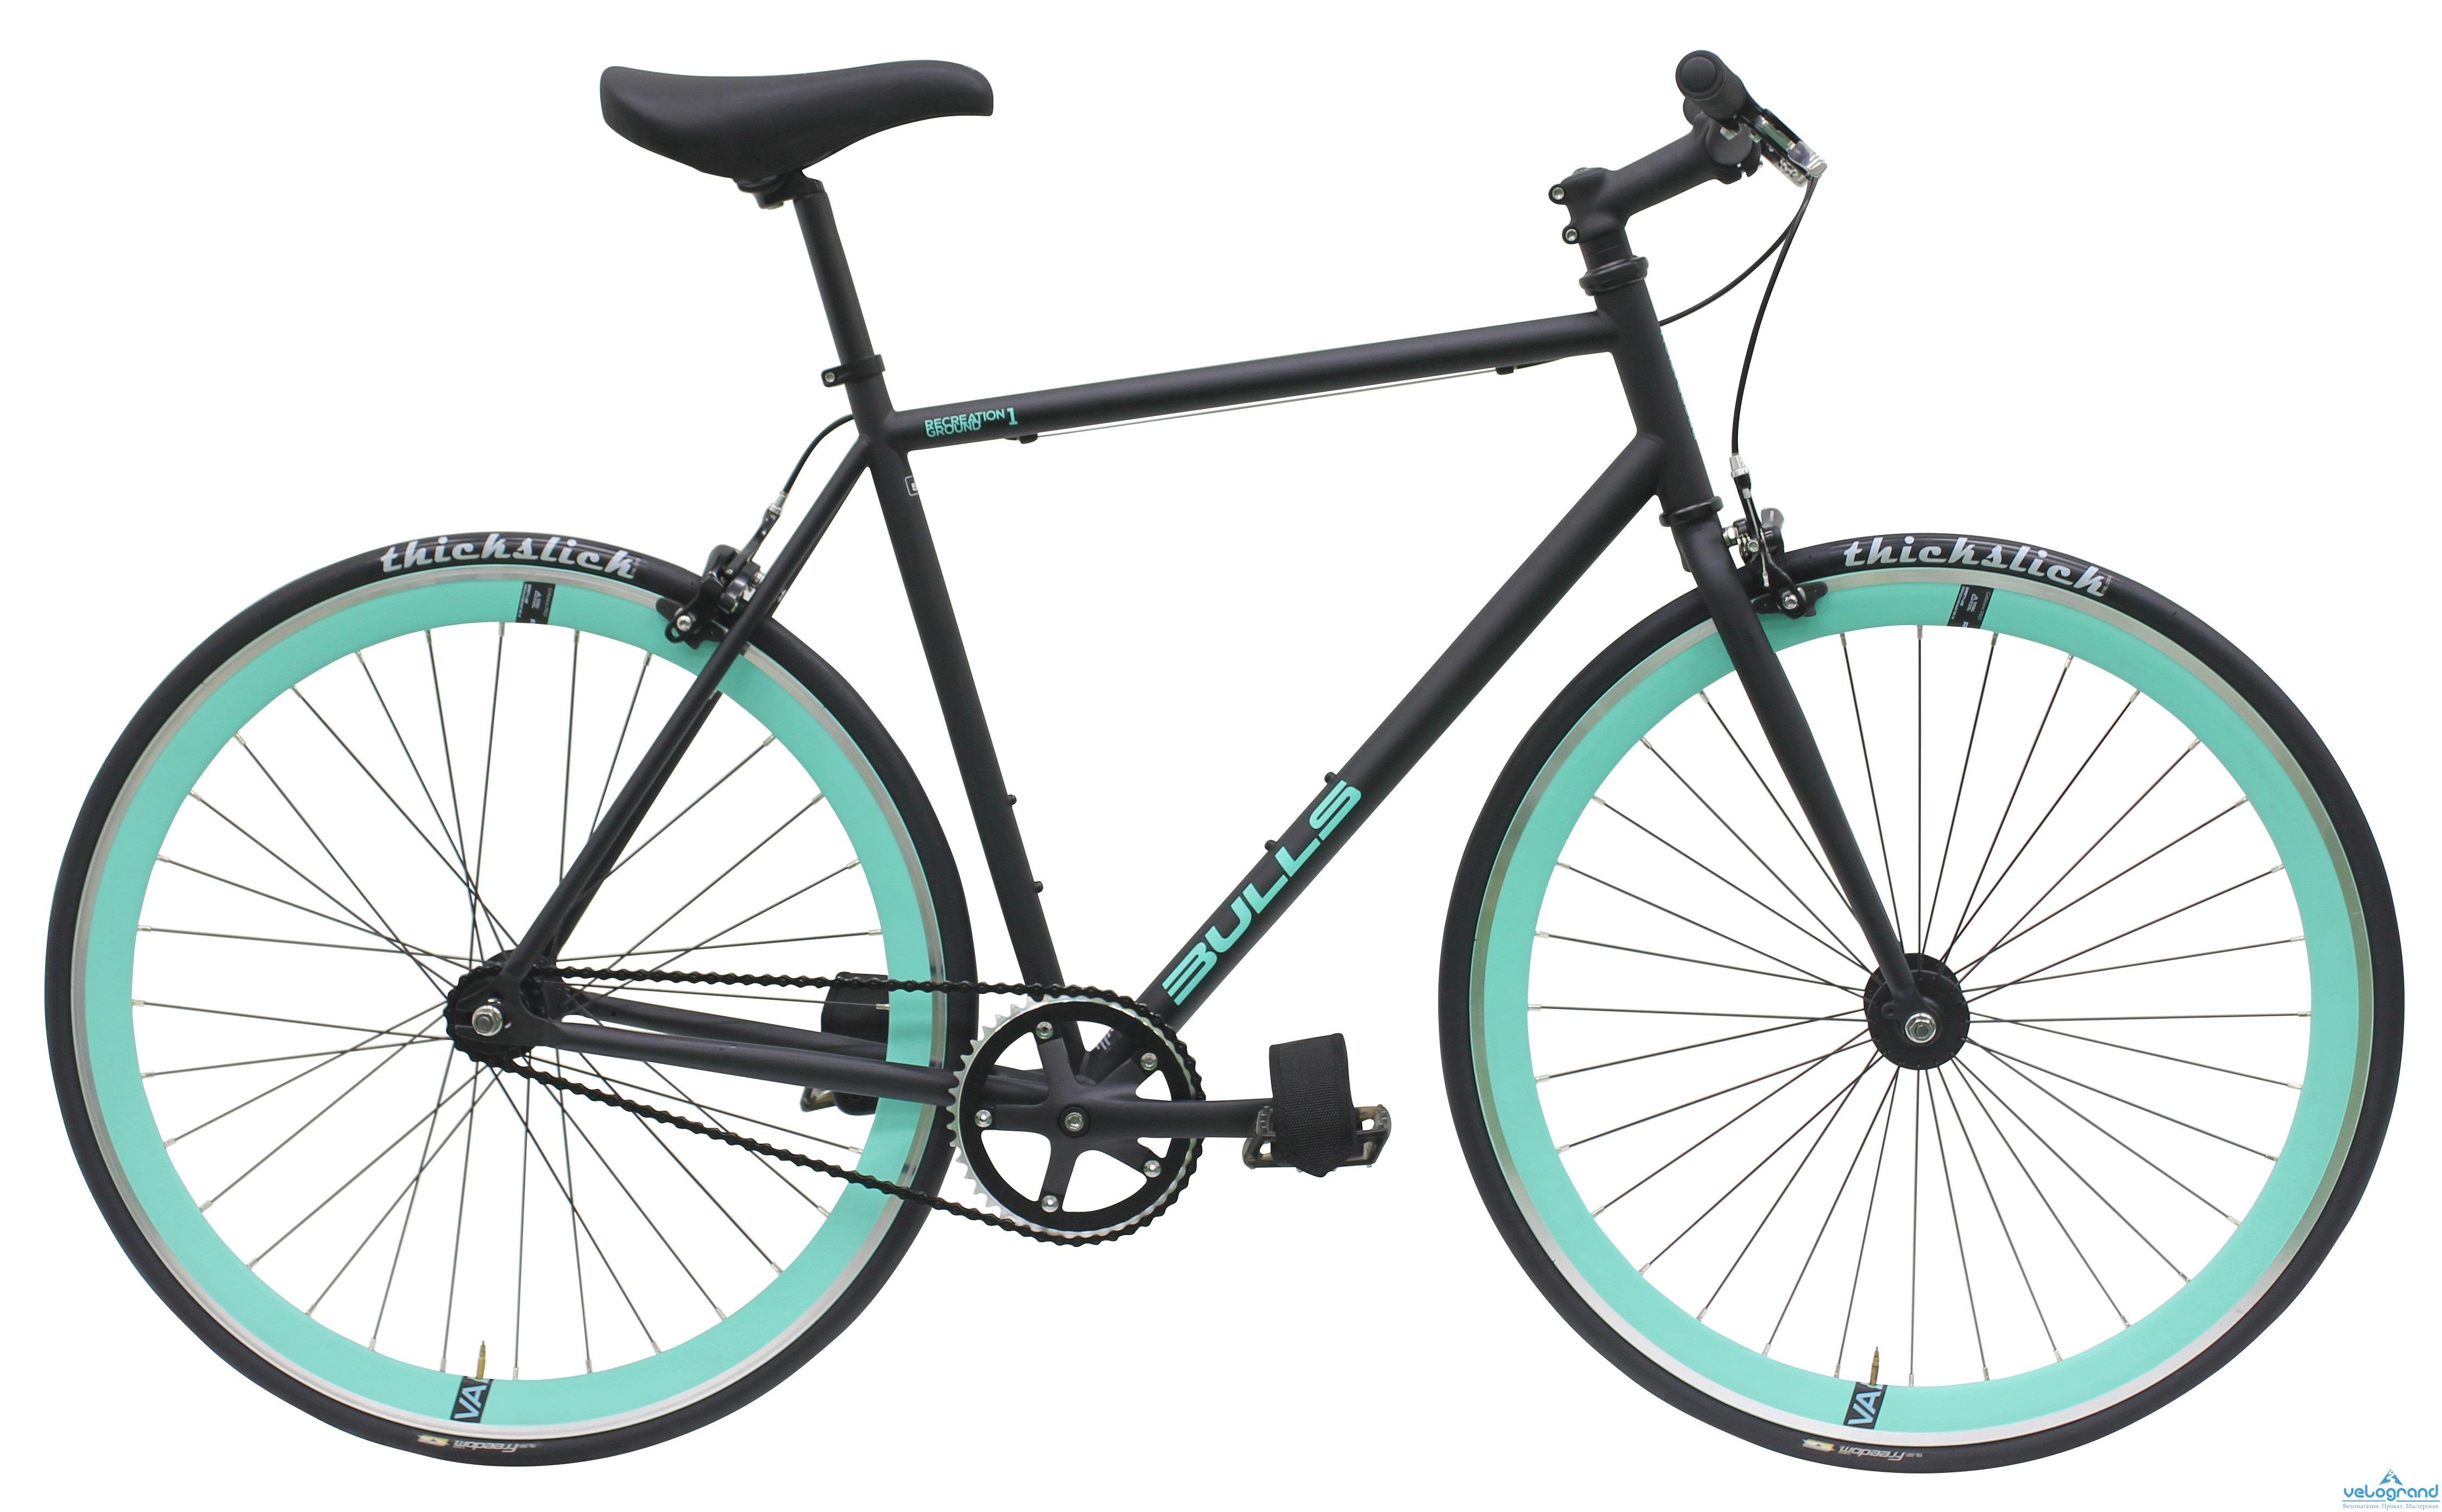 Городской велосипед Bulls RECREATION GROUND 1 (2016), Цвет Синий, Размер 20